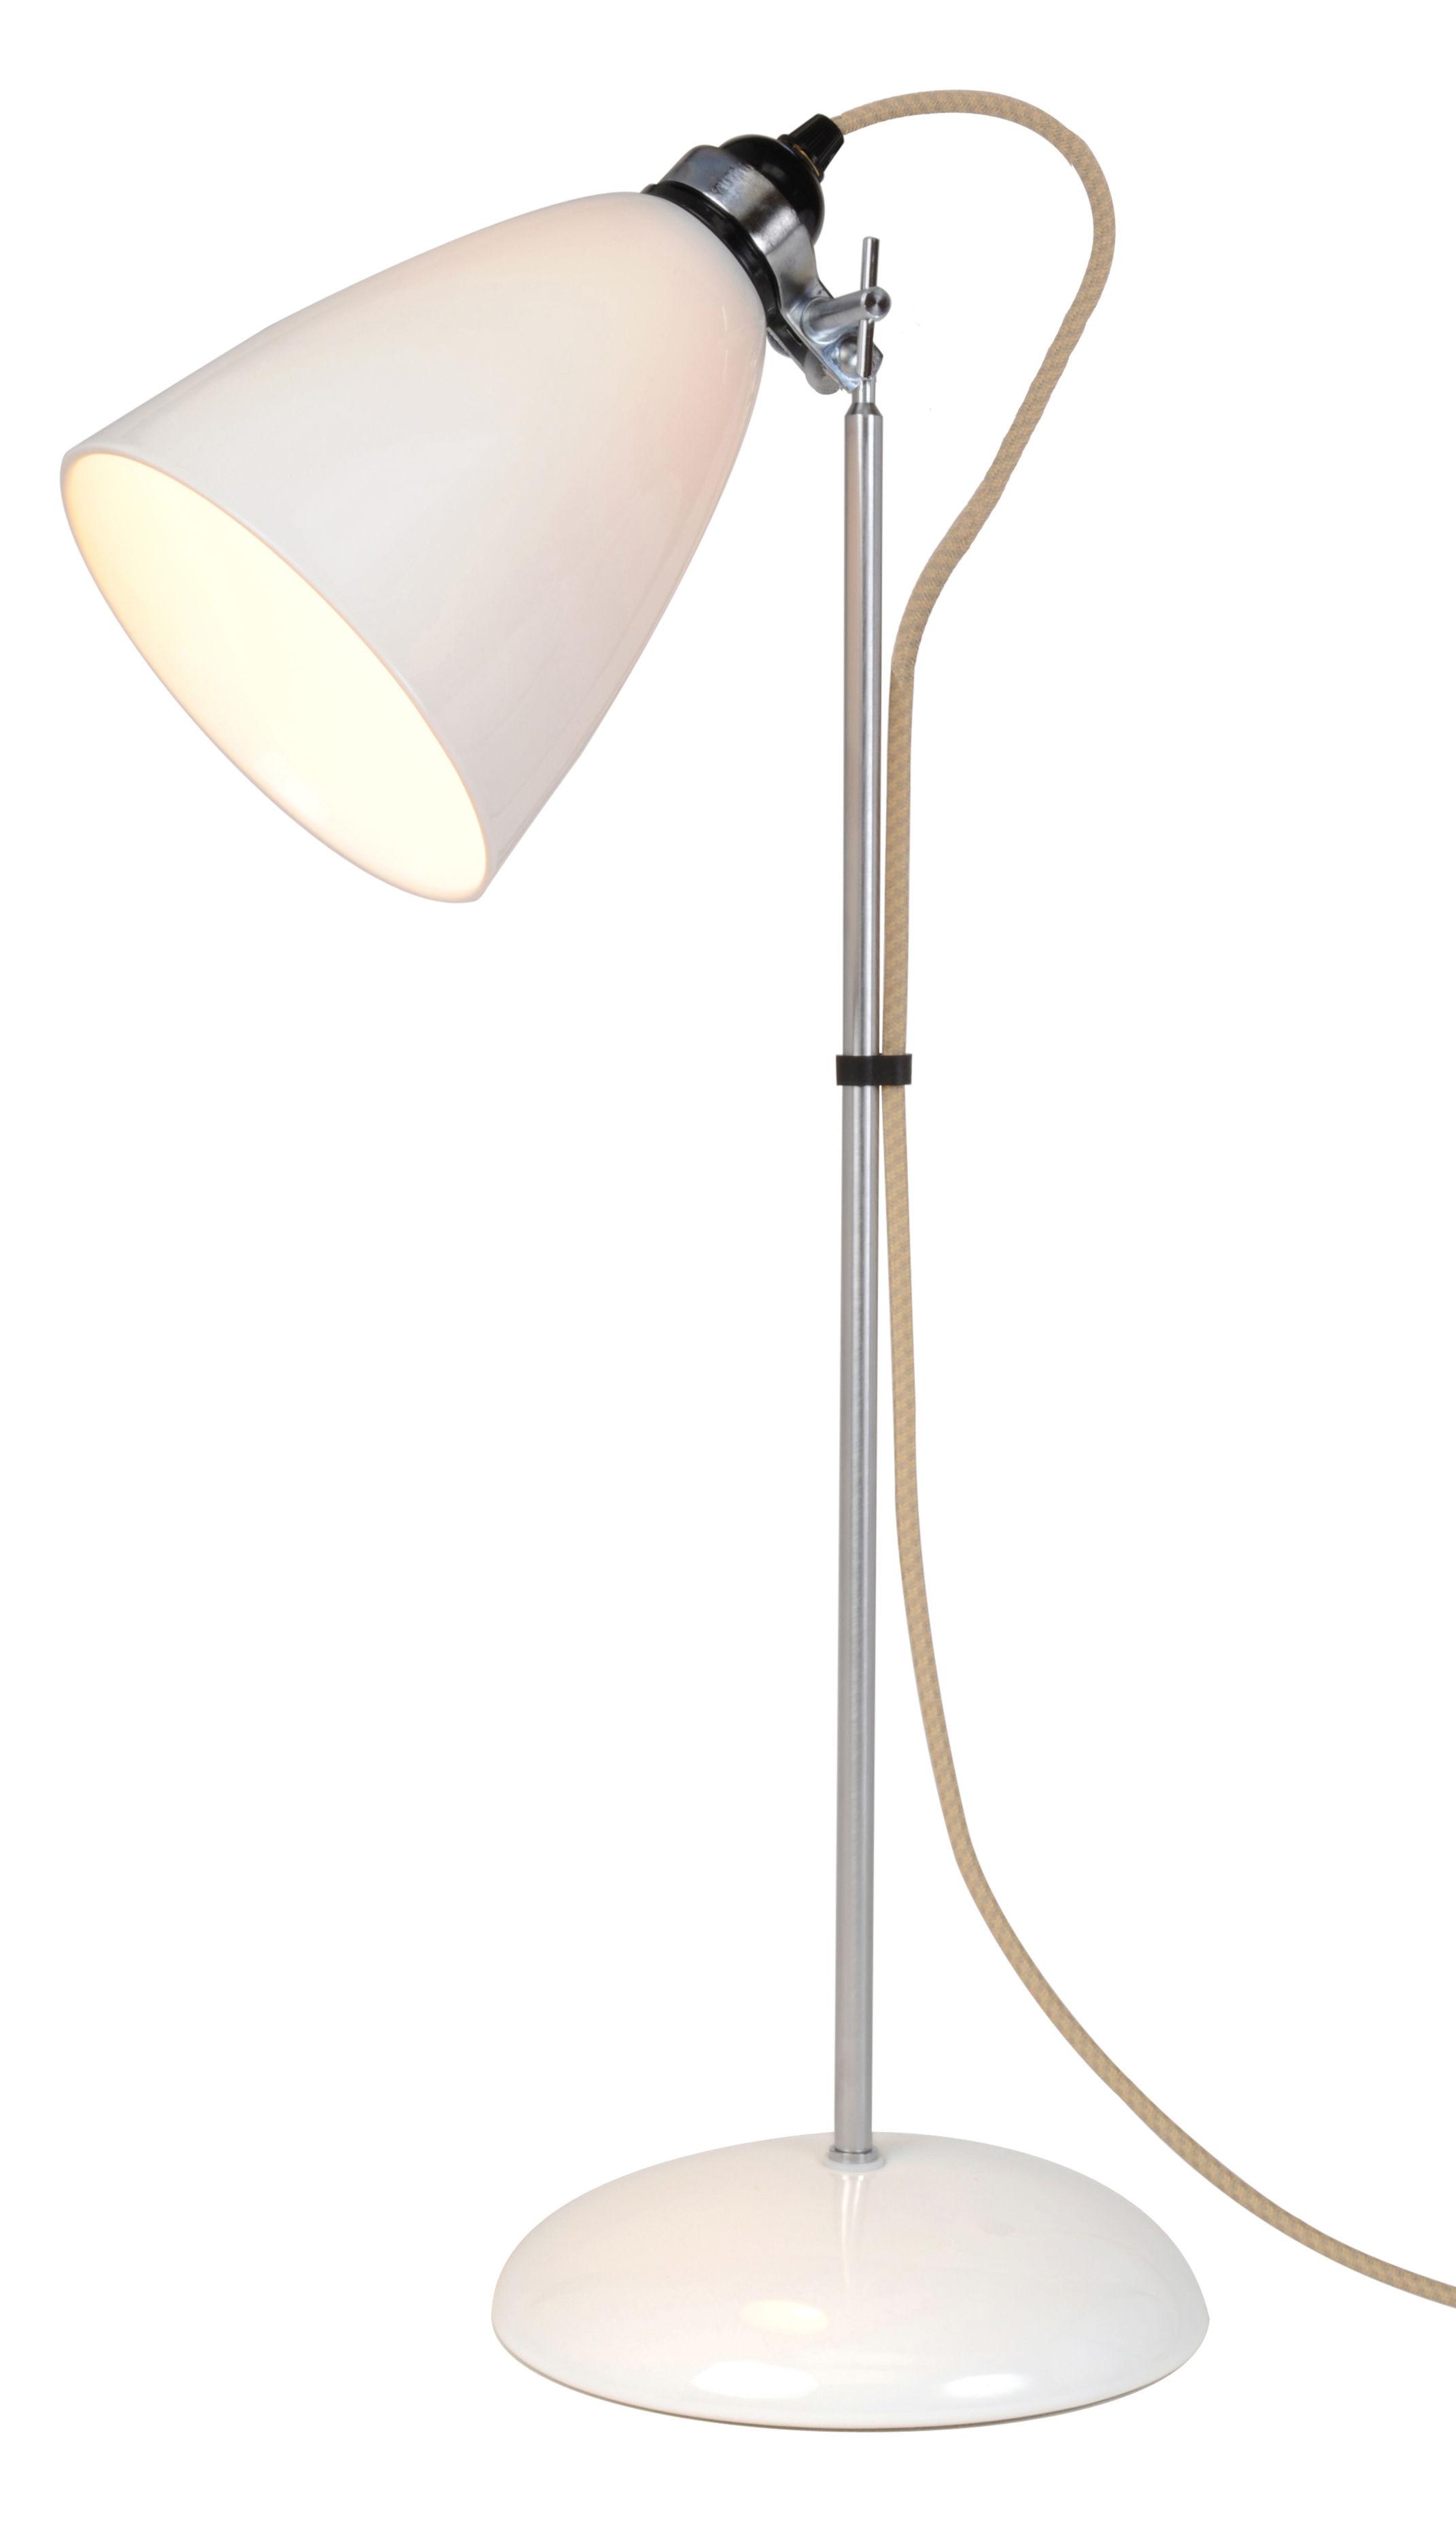 Illuminazione - Lampade da tavolo - Lampada da tavolo Hector Dome - / Large - H 71 cm - Porcellana liscia di Original BTC - H 71 cm (Large) / Bianco - Metallo cromato, Porcellana